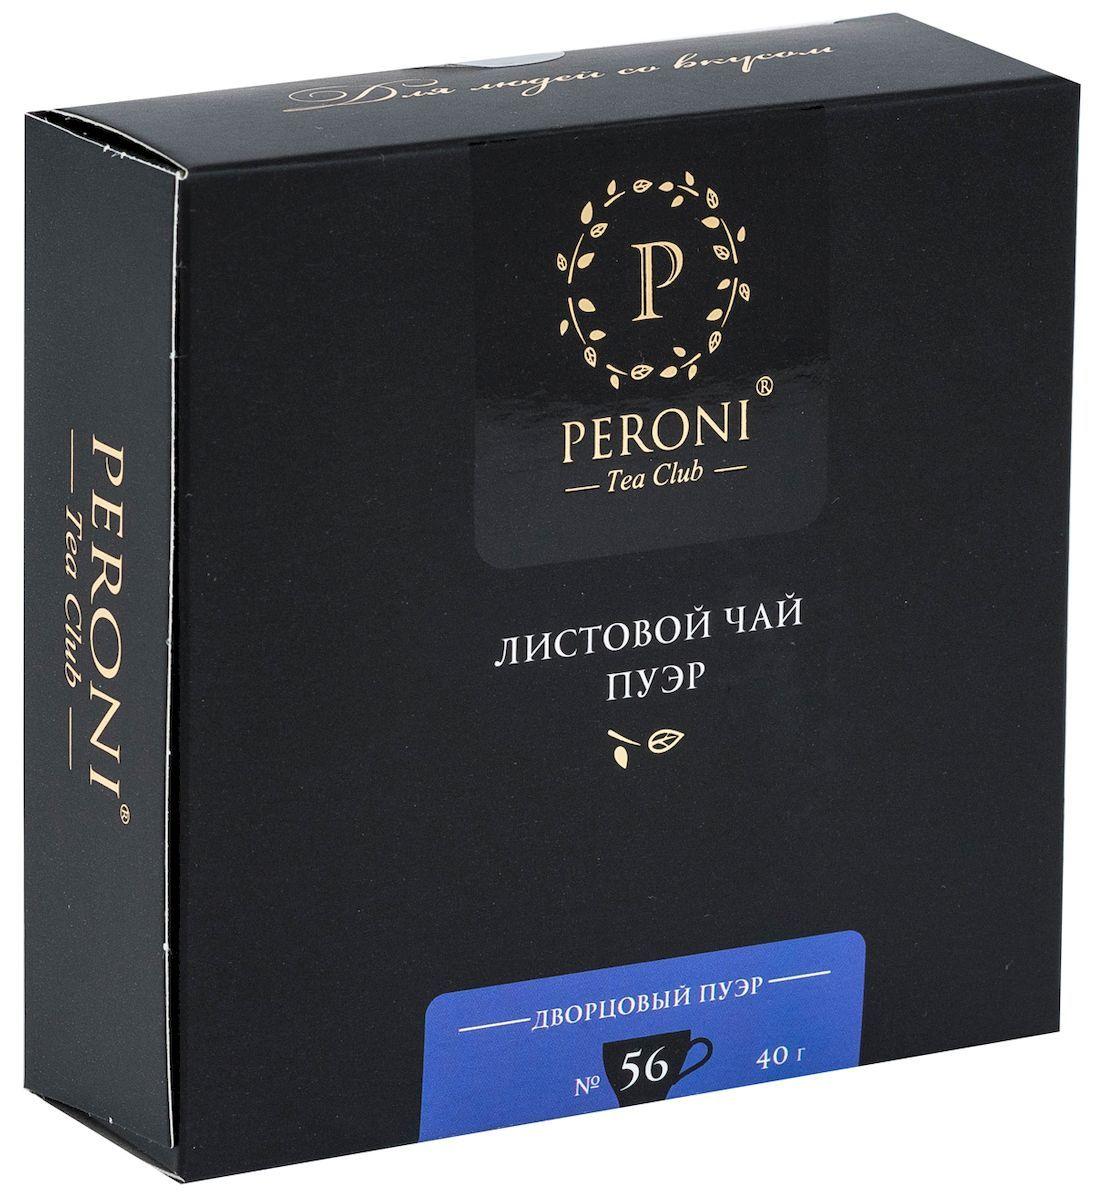 Peroni Чай Дворцовый пуэр, 40 г чай пуэр чёрный гун тин дворцовый 50 г